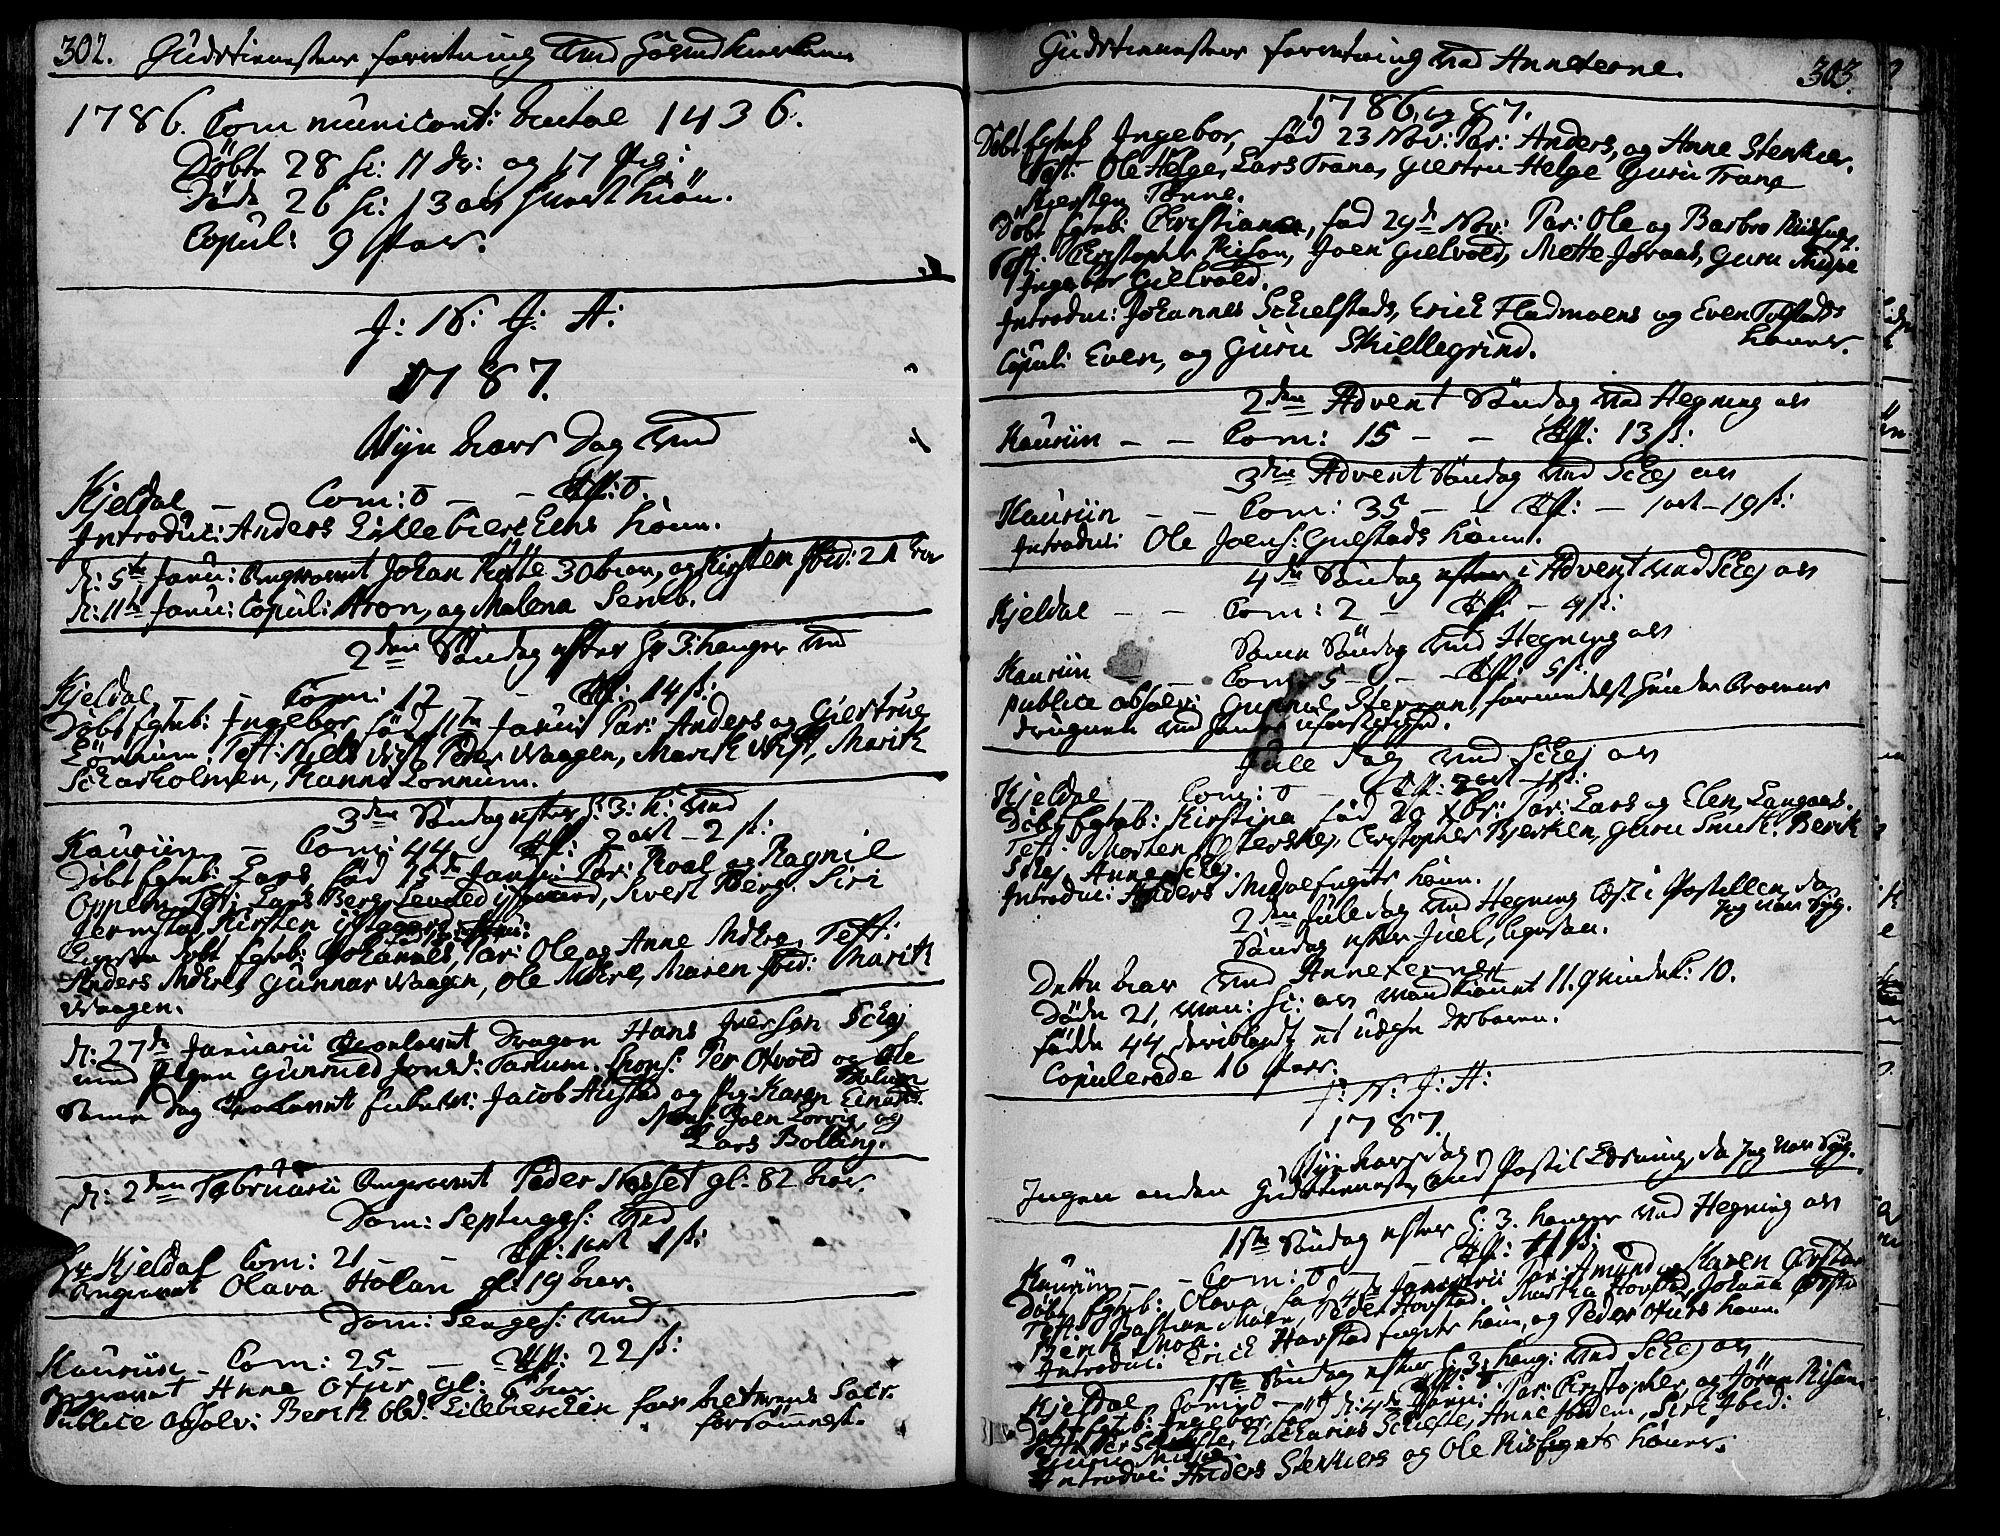 SAT, Ministerialprotokoller, klokkerbøker og fødselsregistre - Nord-Trøndelag, 735/L0331: Ministerialbok nr. 735A02, 1762-1794, s. 302-303